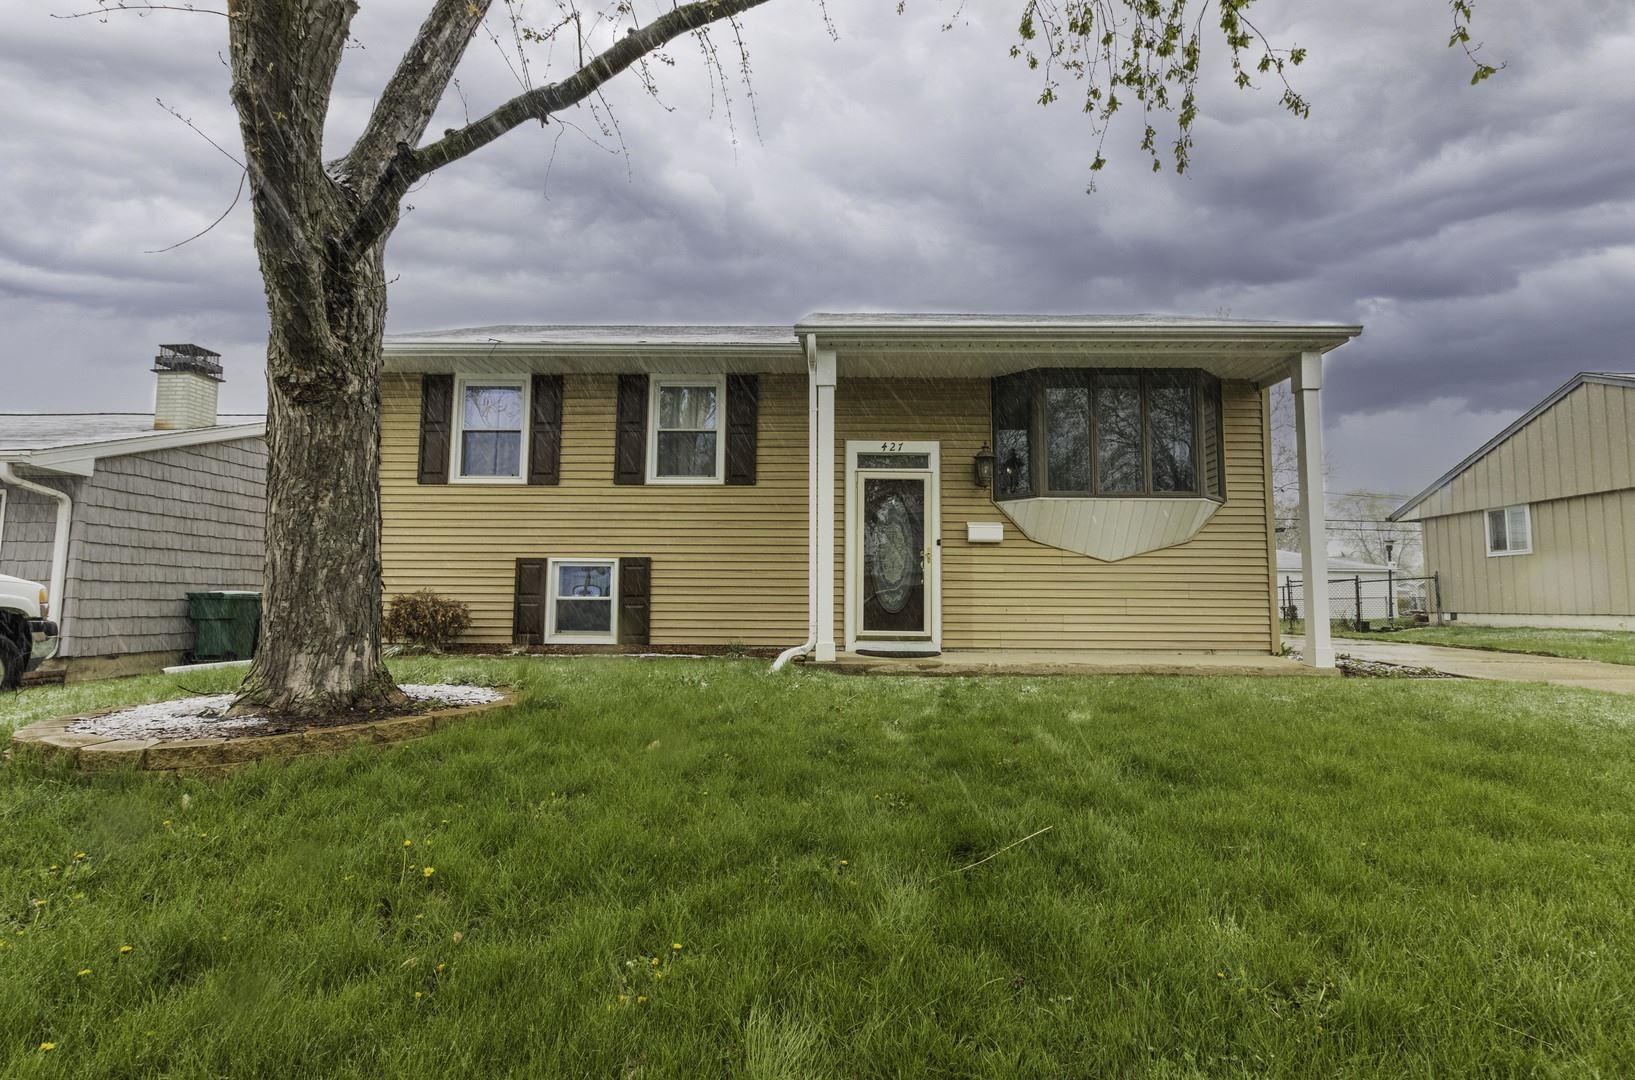 Photo of 427 Everette Avenue, Romeoville, IL 60446 (MLS # 11062962)